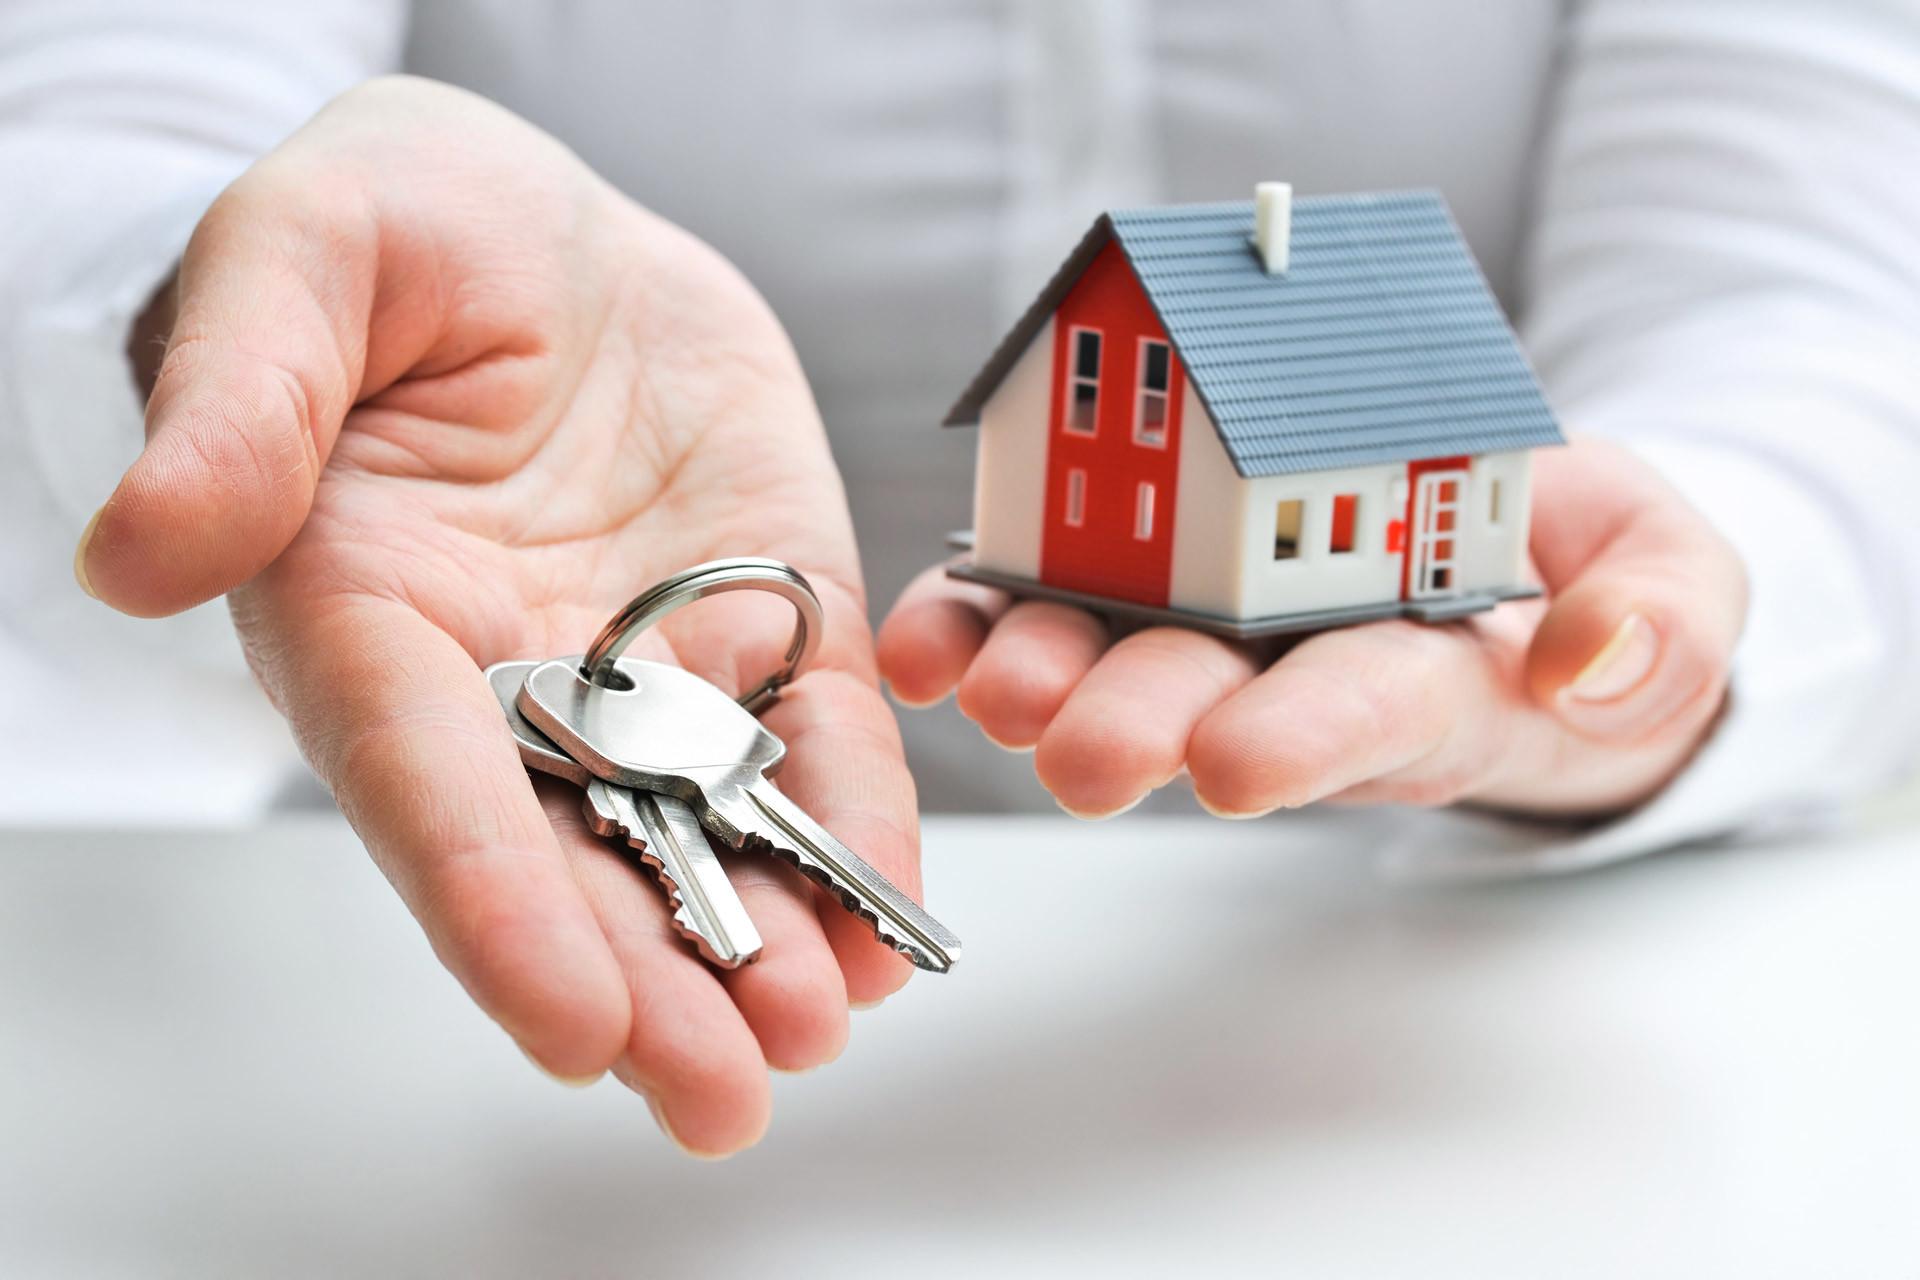 Agenzia Immobiliare Vigodarzere agenzia immobiliare mdm damian - immobiliari (agenzie) a